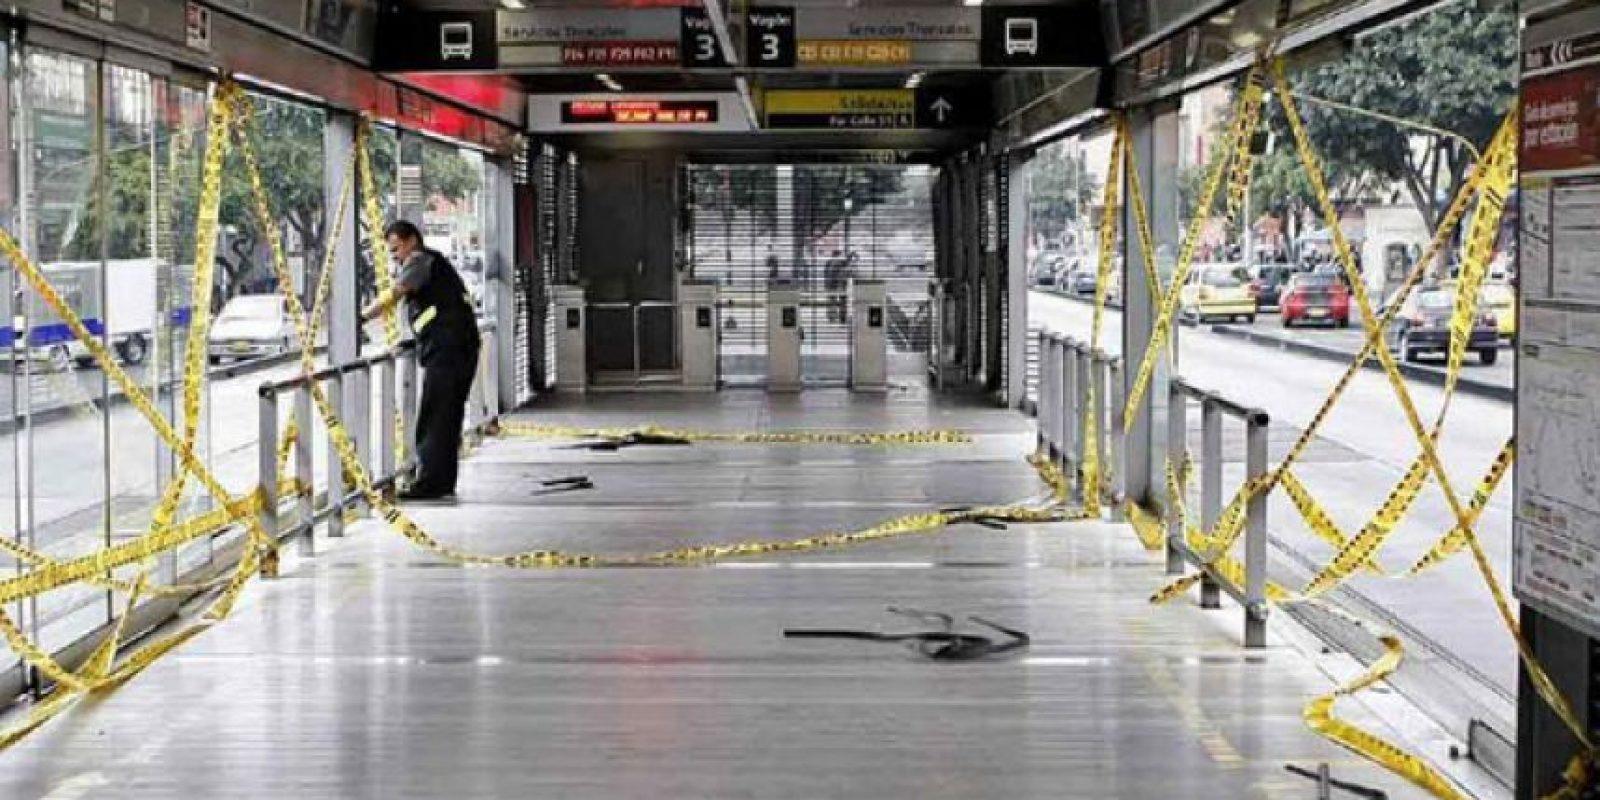 La estación quedó destruida luego de una marcha en Bogotá.